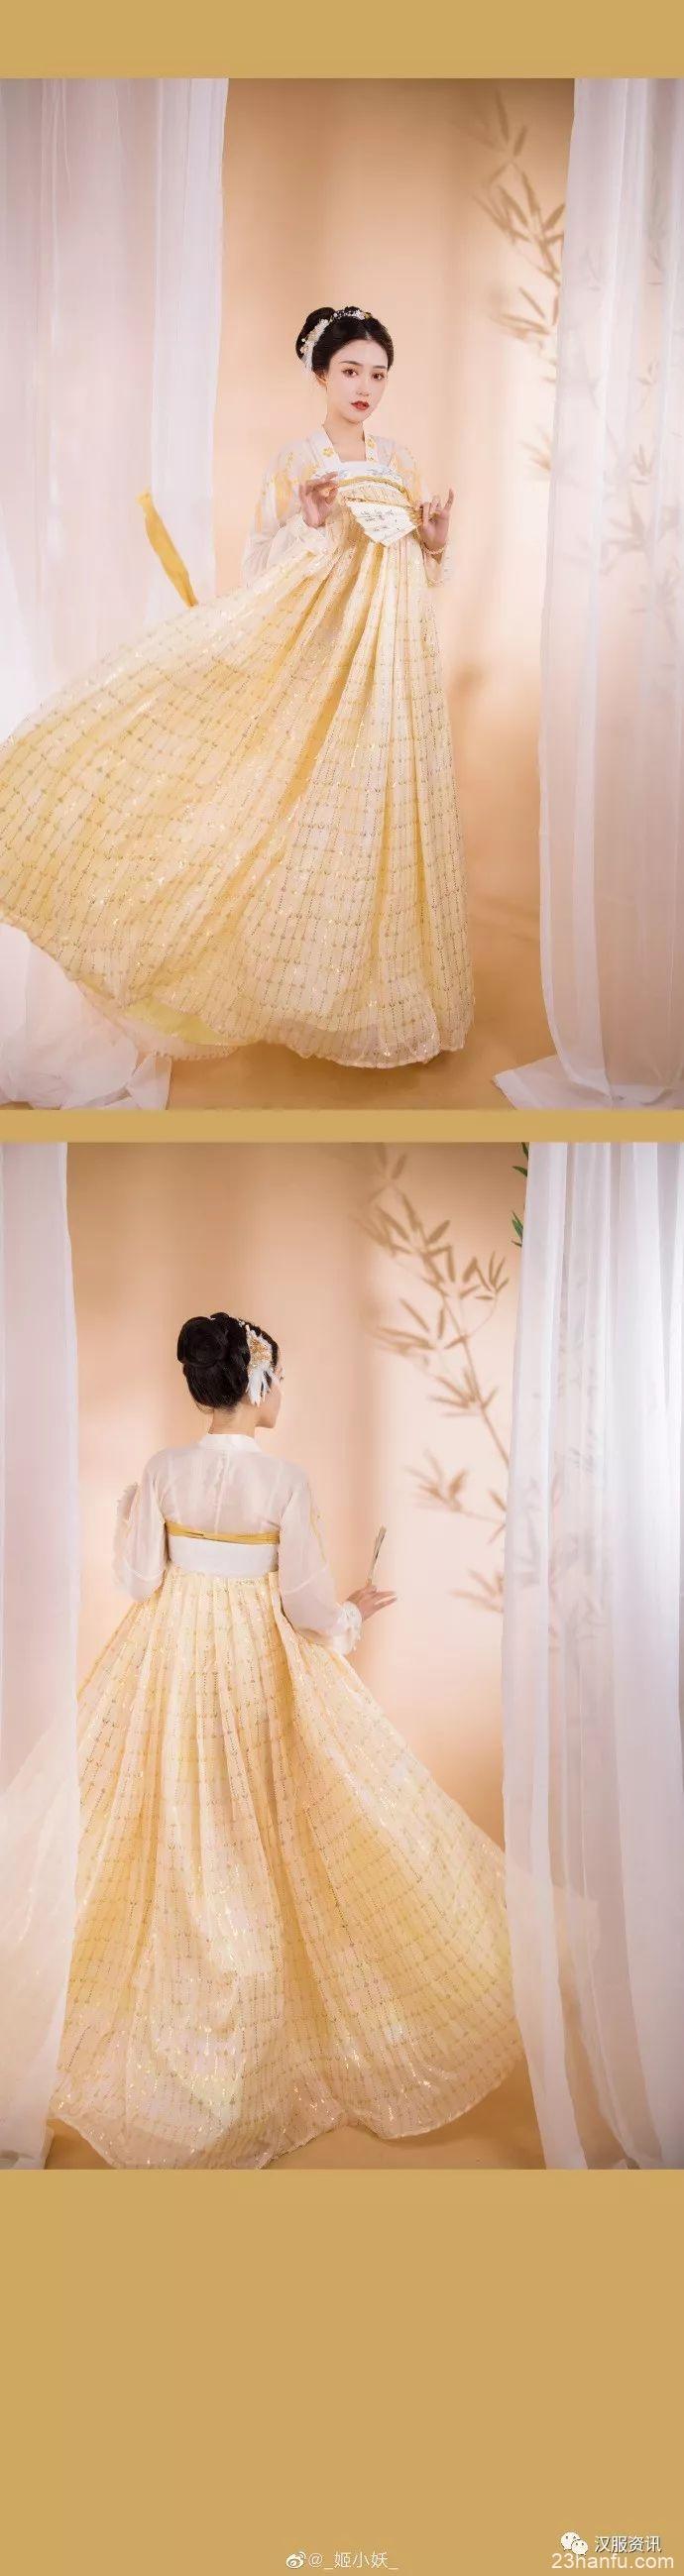 【汉服私影】多情自郁争因梦,仙貌长芳又胜花。